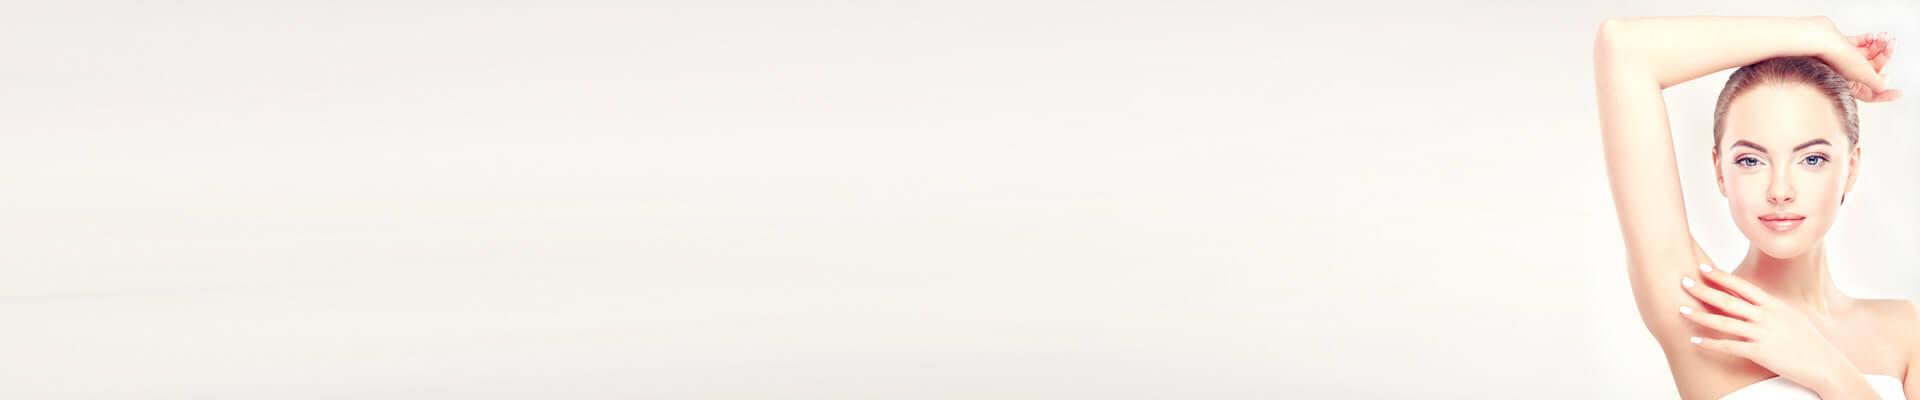 Épilation au laser pour hommes et femmes | Longueil, Saint-Lambert et Brossard | Esthétique Huguette Turcotte